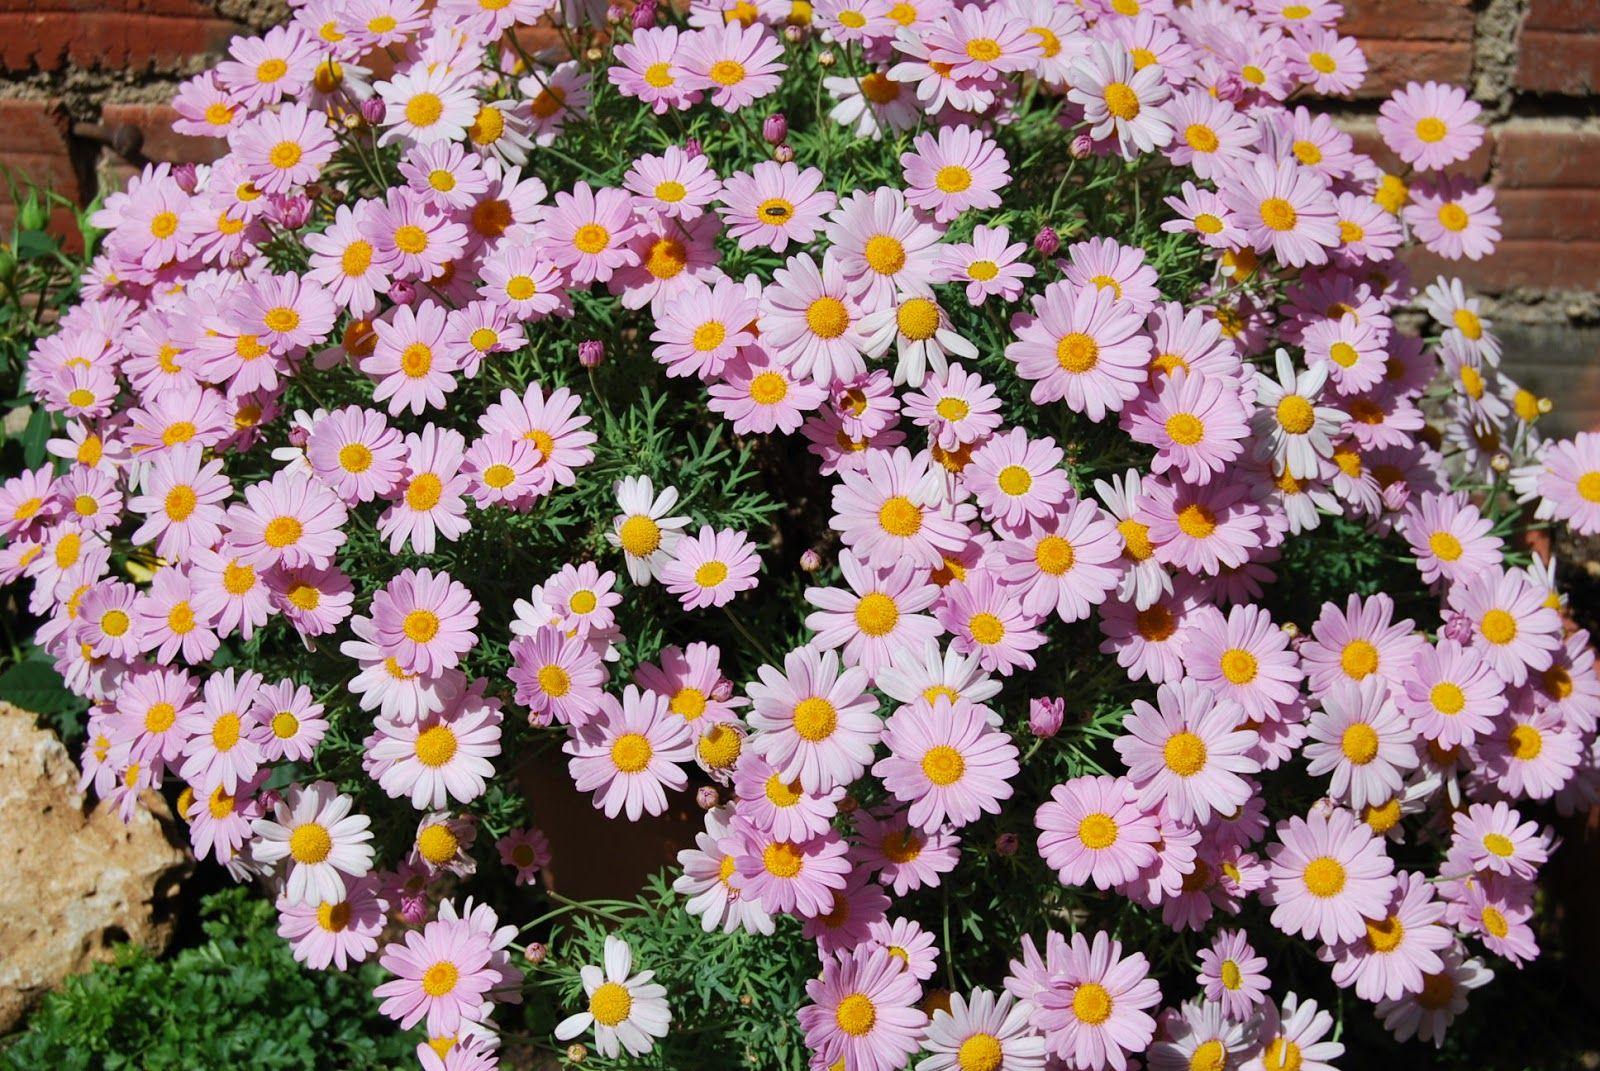 MARGARITA ROSA | Árboles en flor, Cultivo de plantas, Fotos de flores